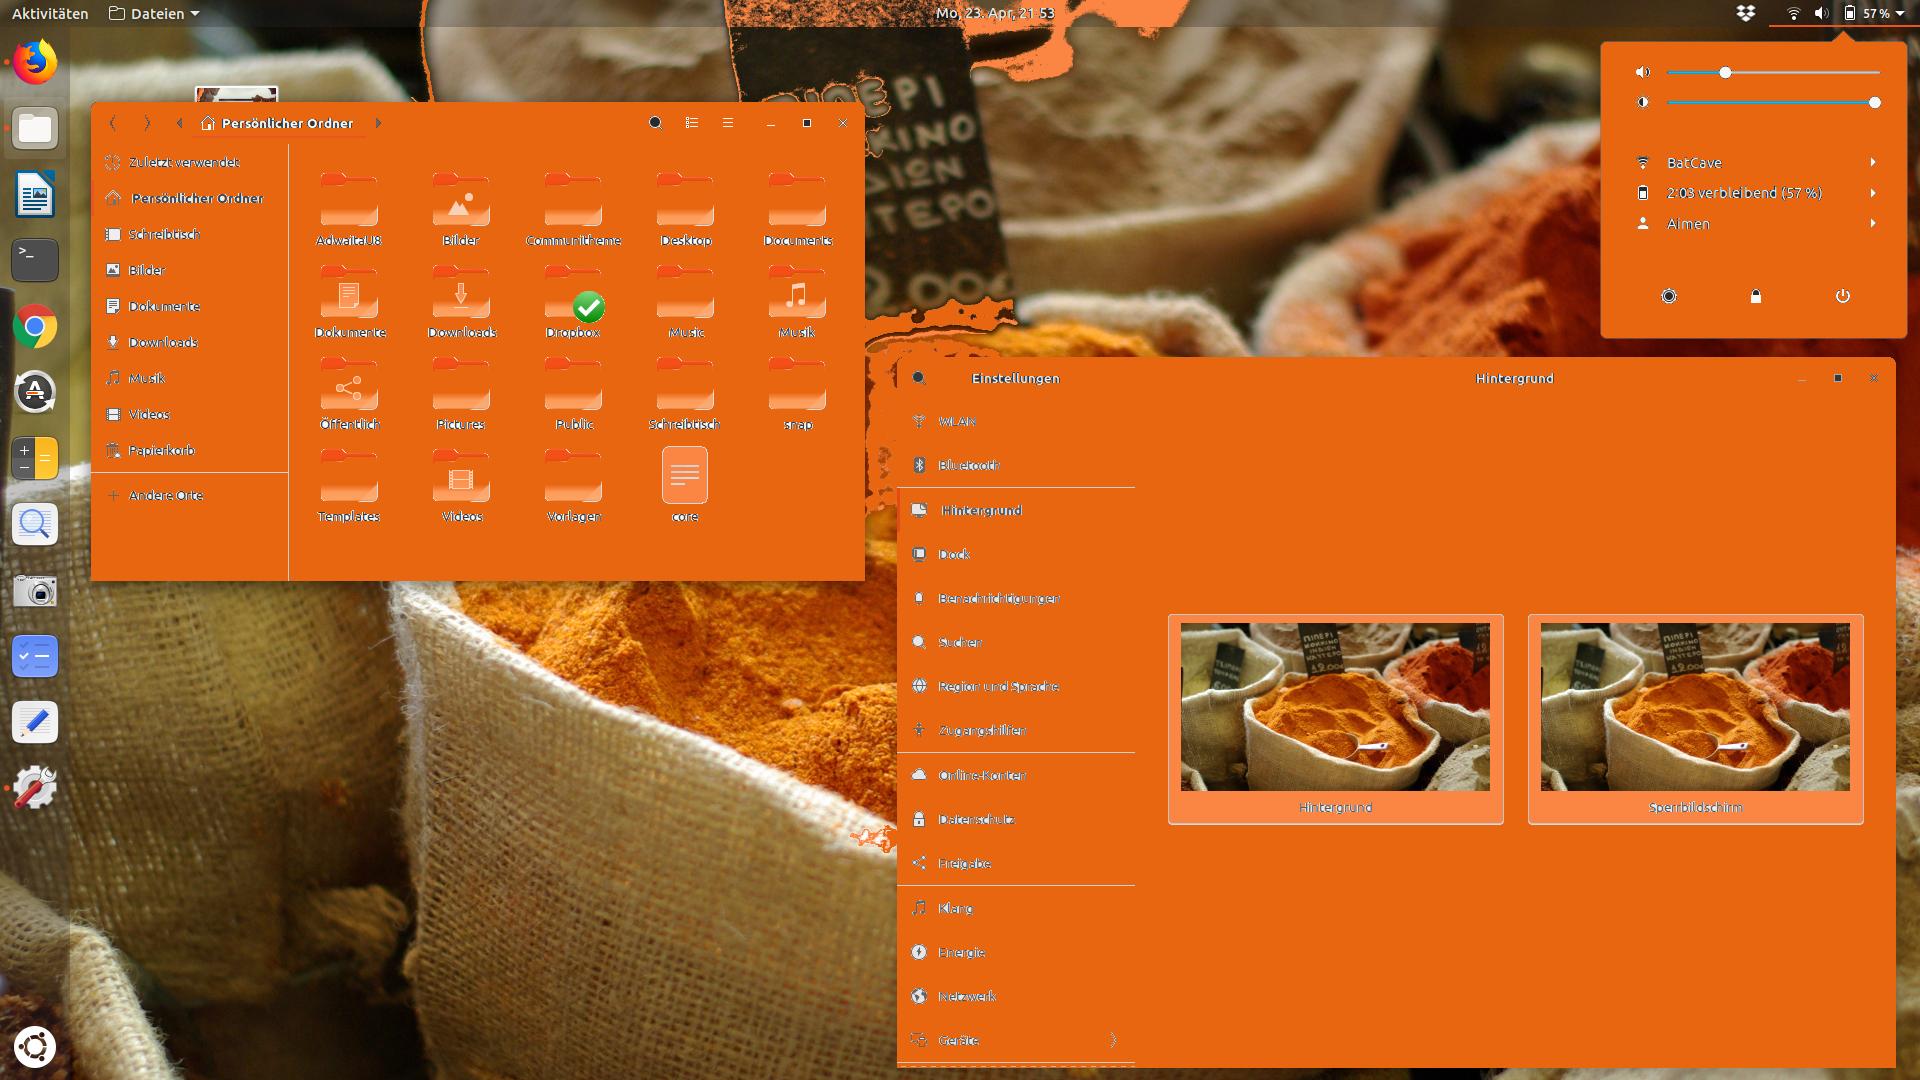 Reducing the orange - making orange more elegant · Issue